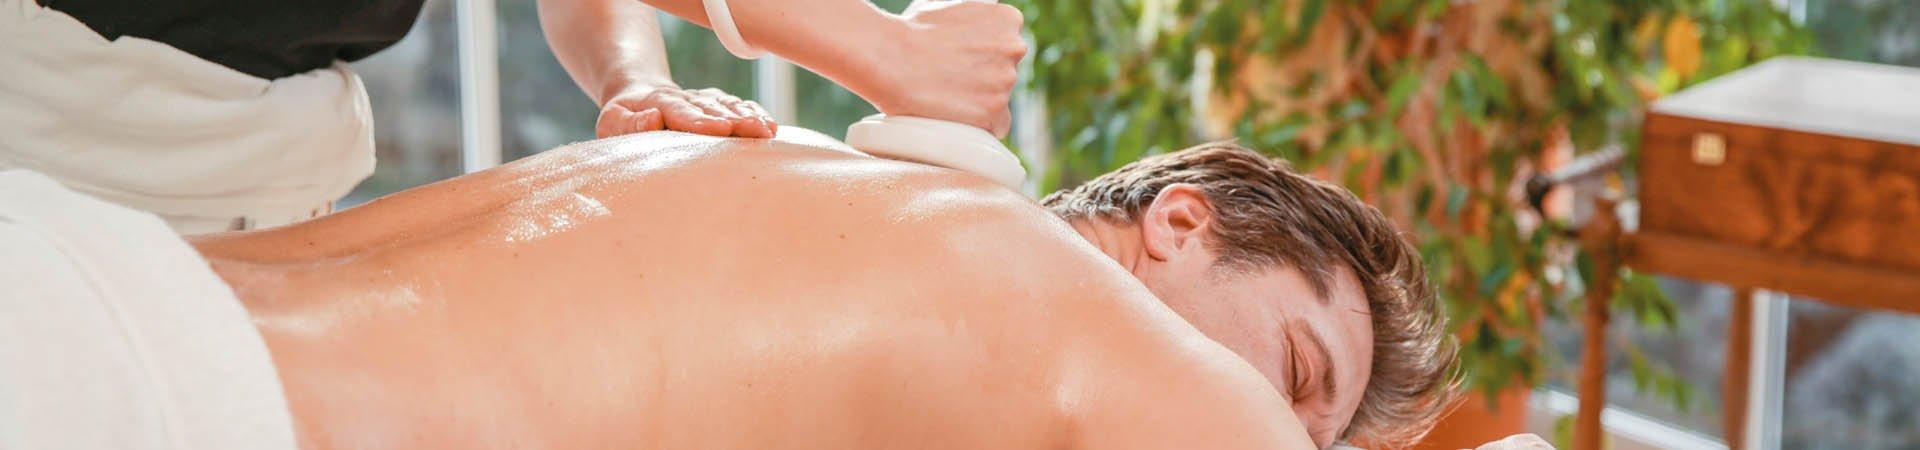 Permanent Contour – Massage